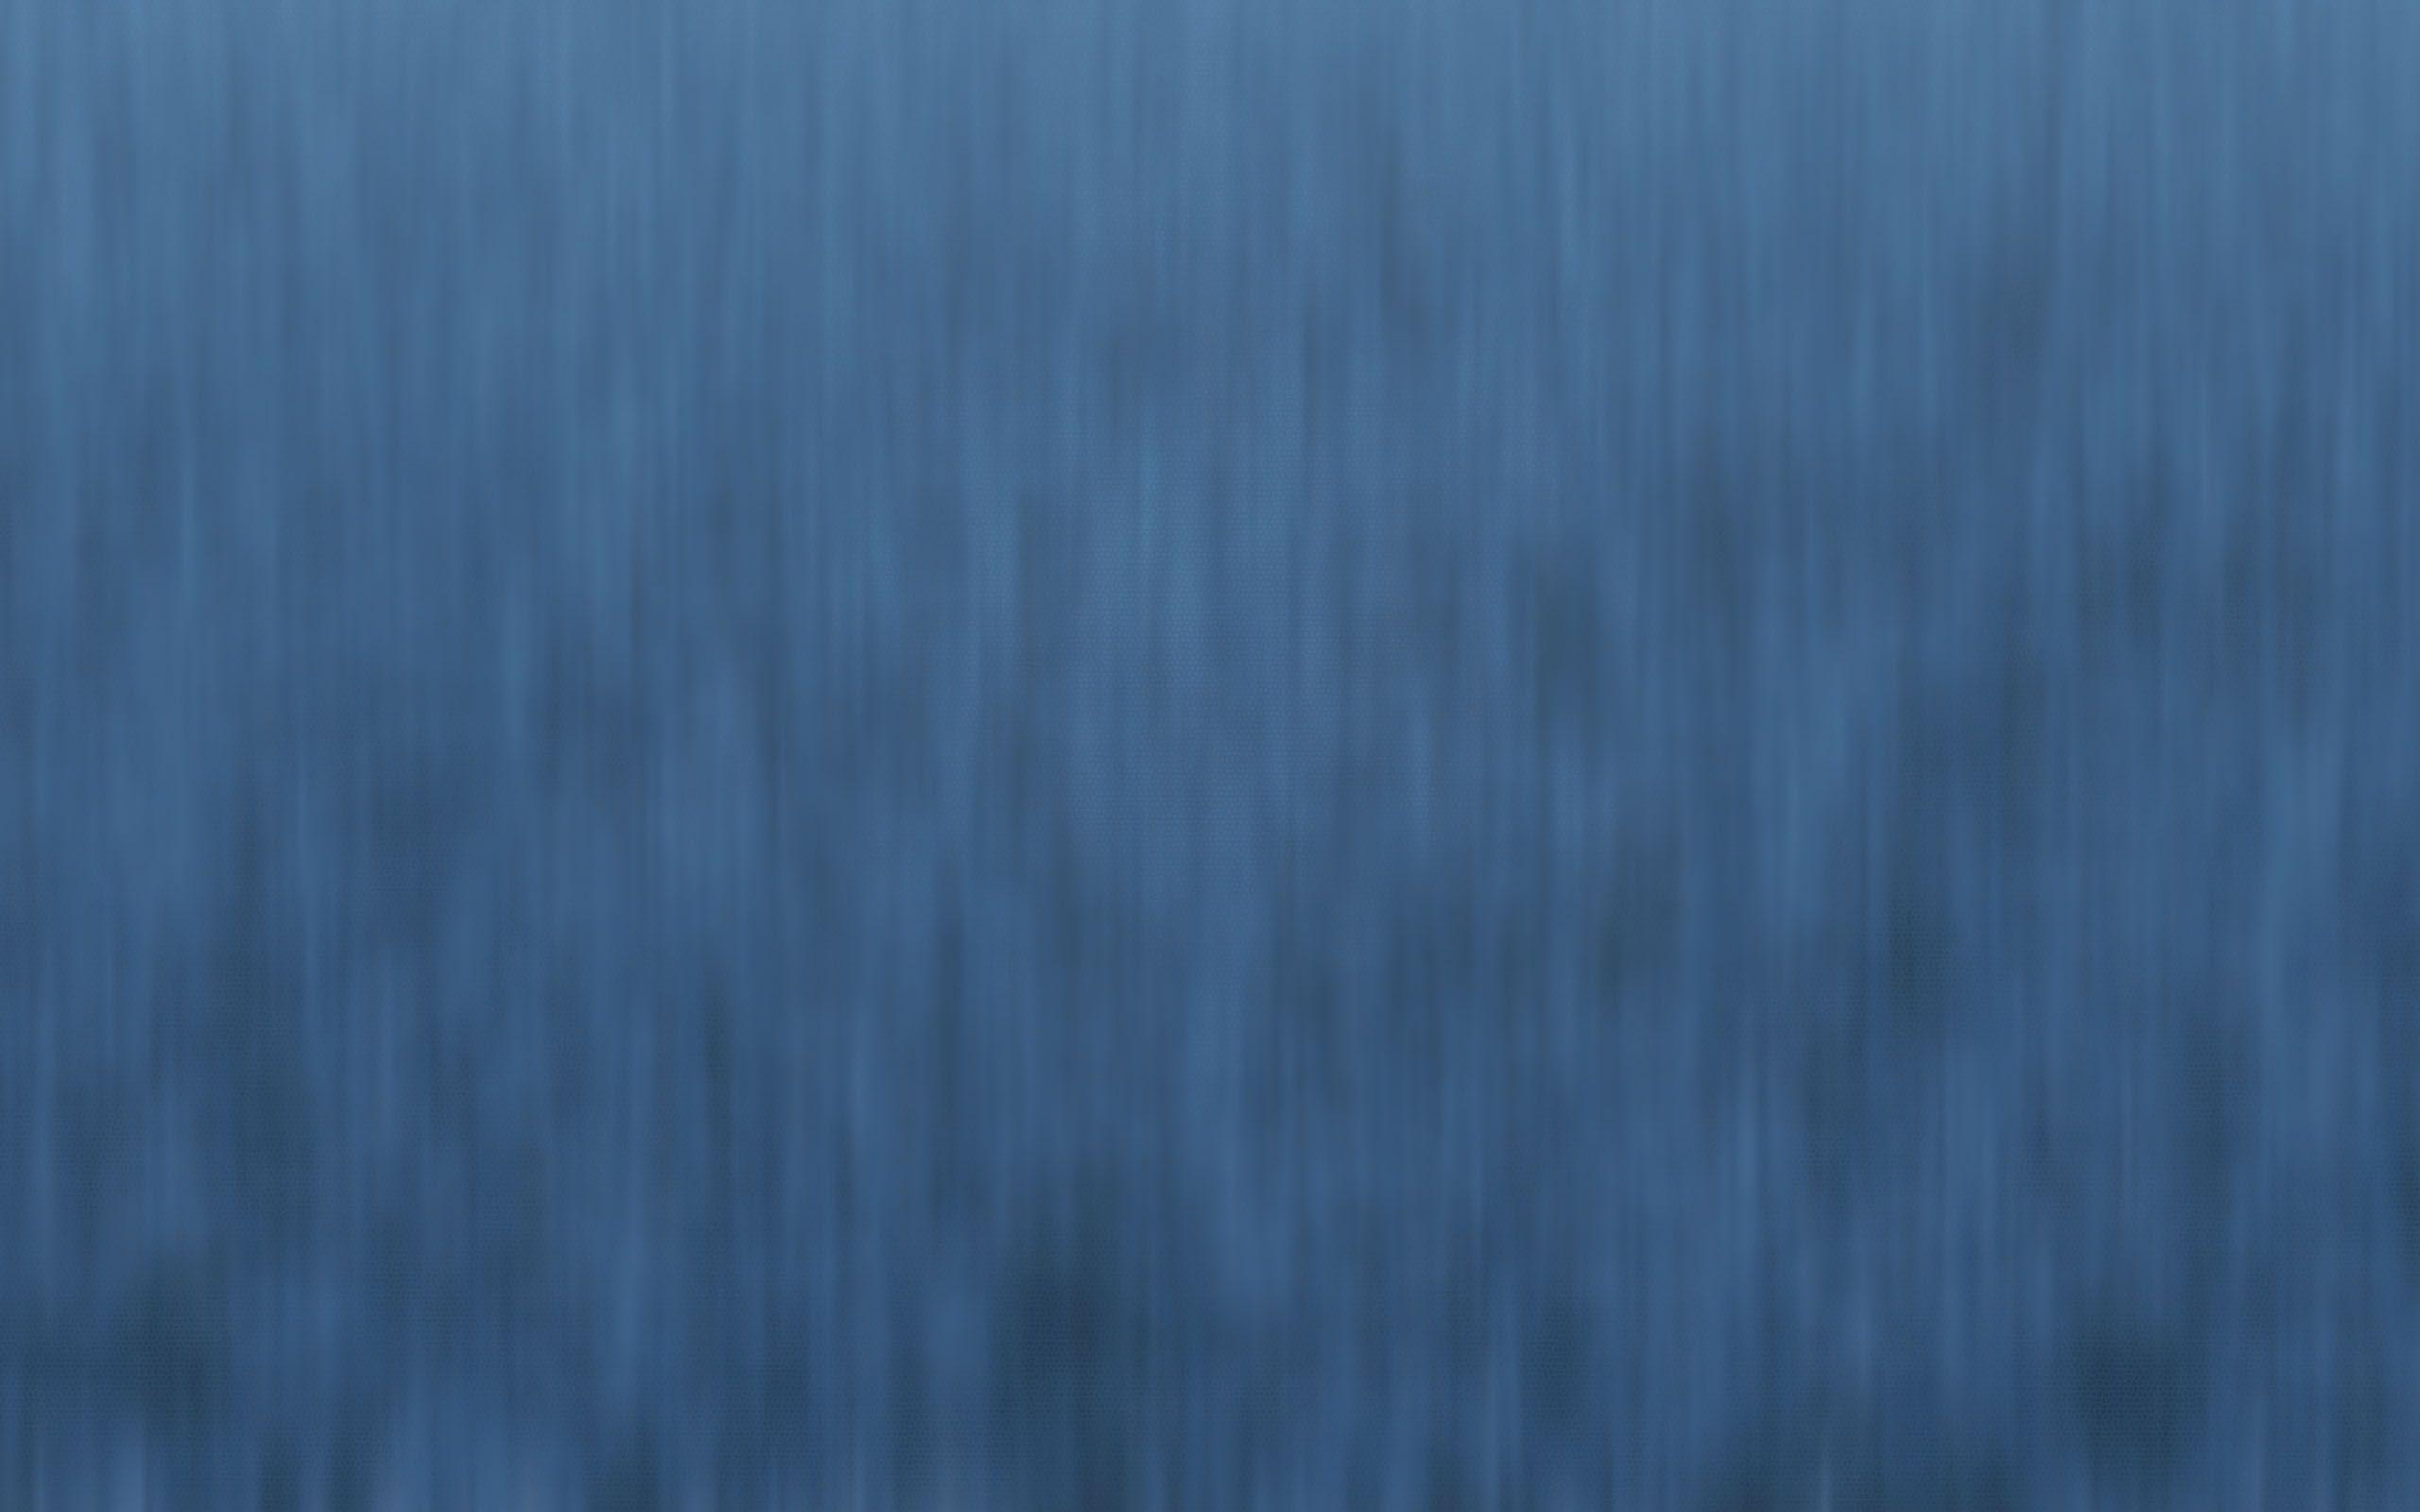 1080p Blue Wallpaper 73 Images